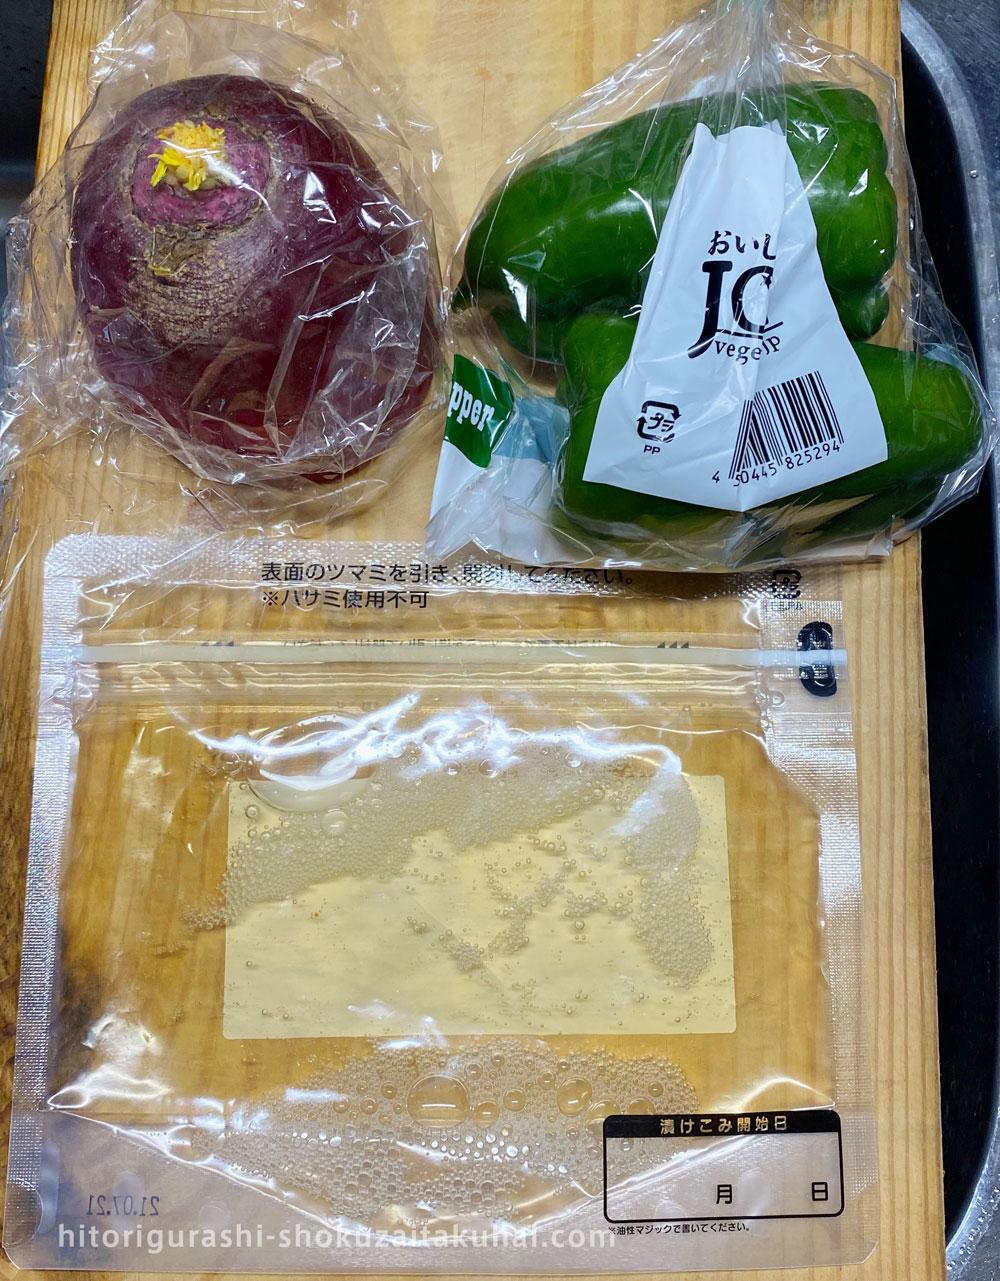 らでぃっしゅぼーやの野菜を使った料理(紅大根とピーマンのピクルス)